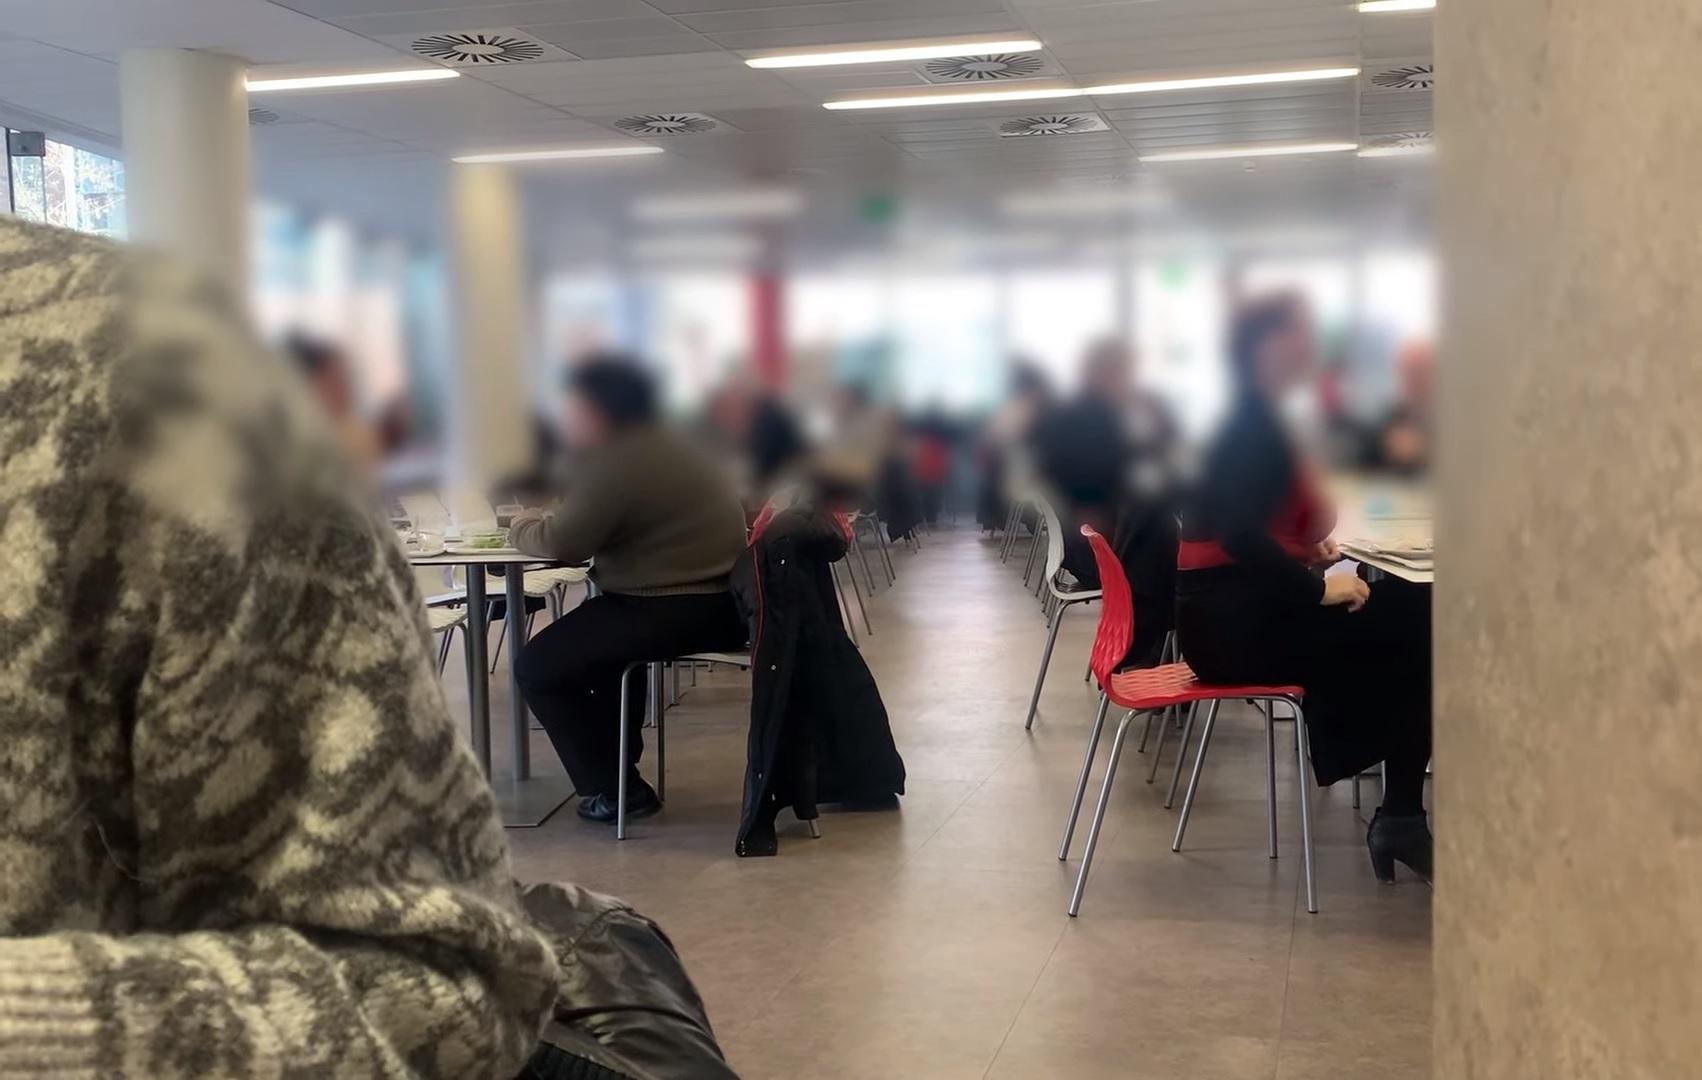 Tömegek ebédelhetnek helyben egy budai menzán, ahova kormányzati cégek dolgozói is járhatnak